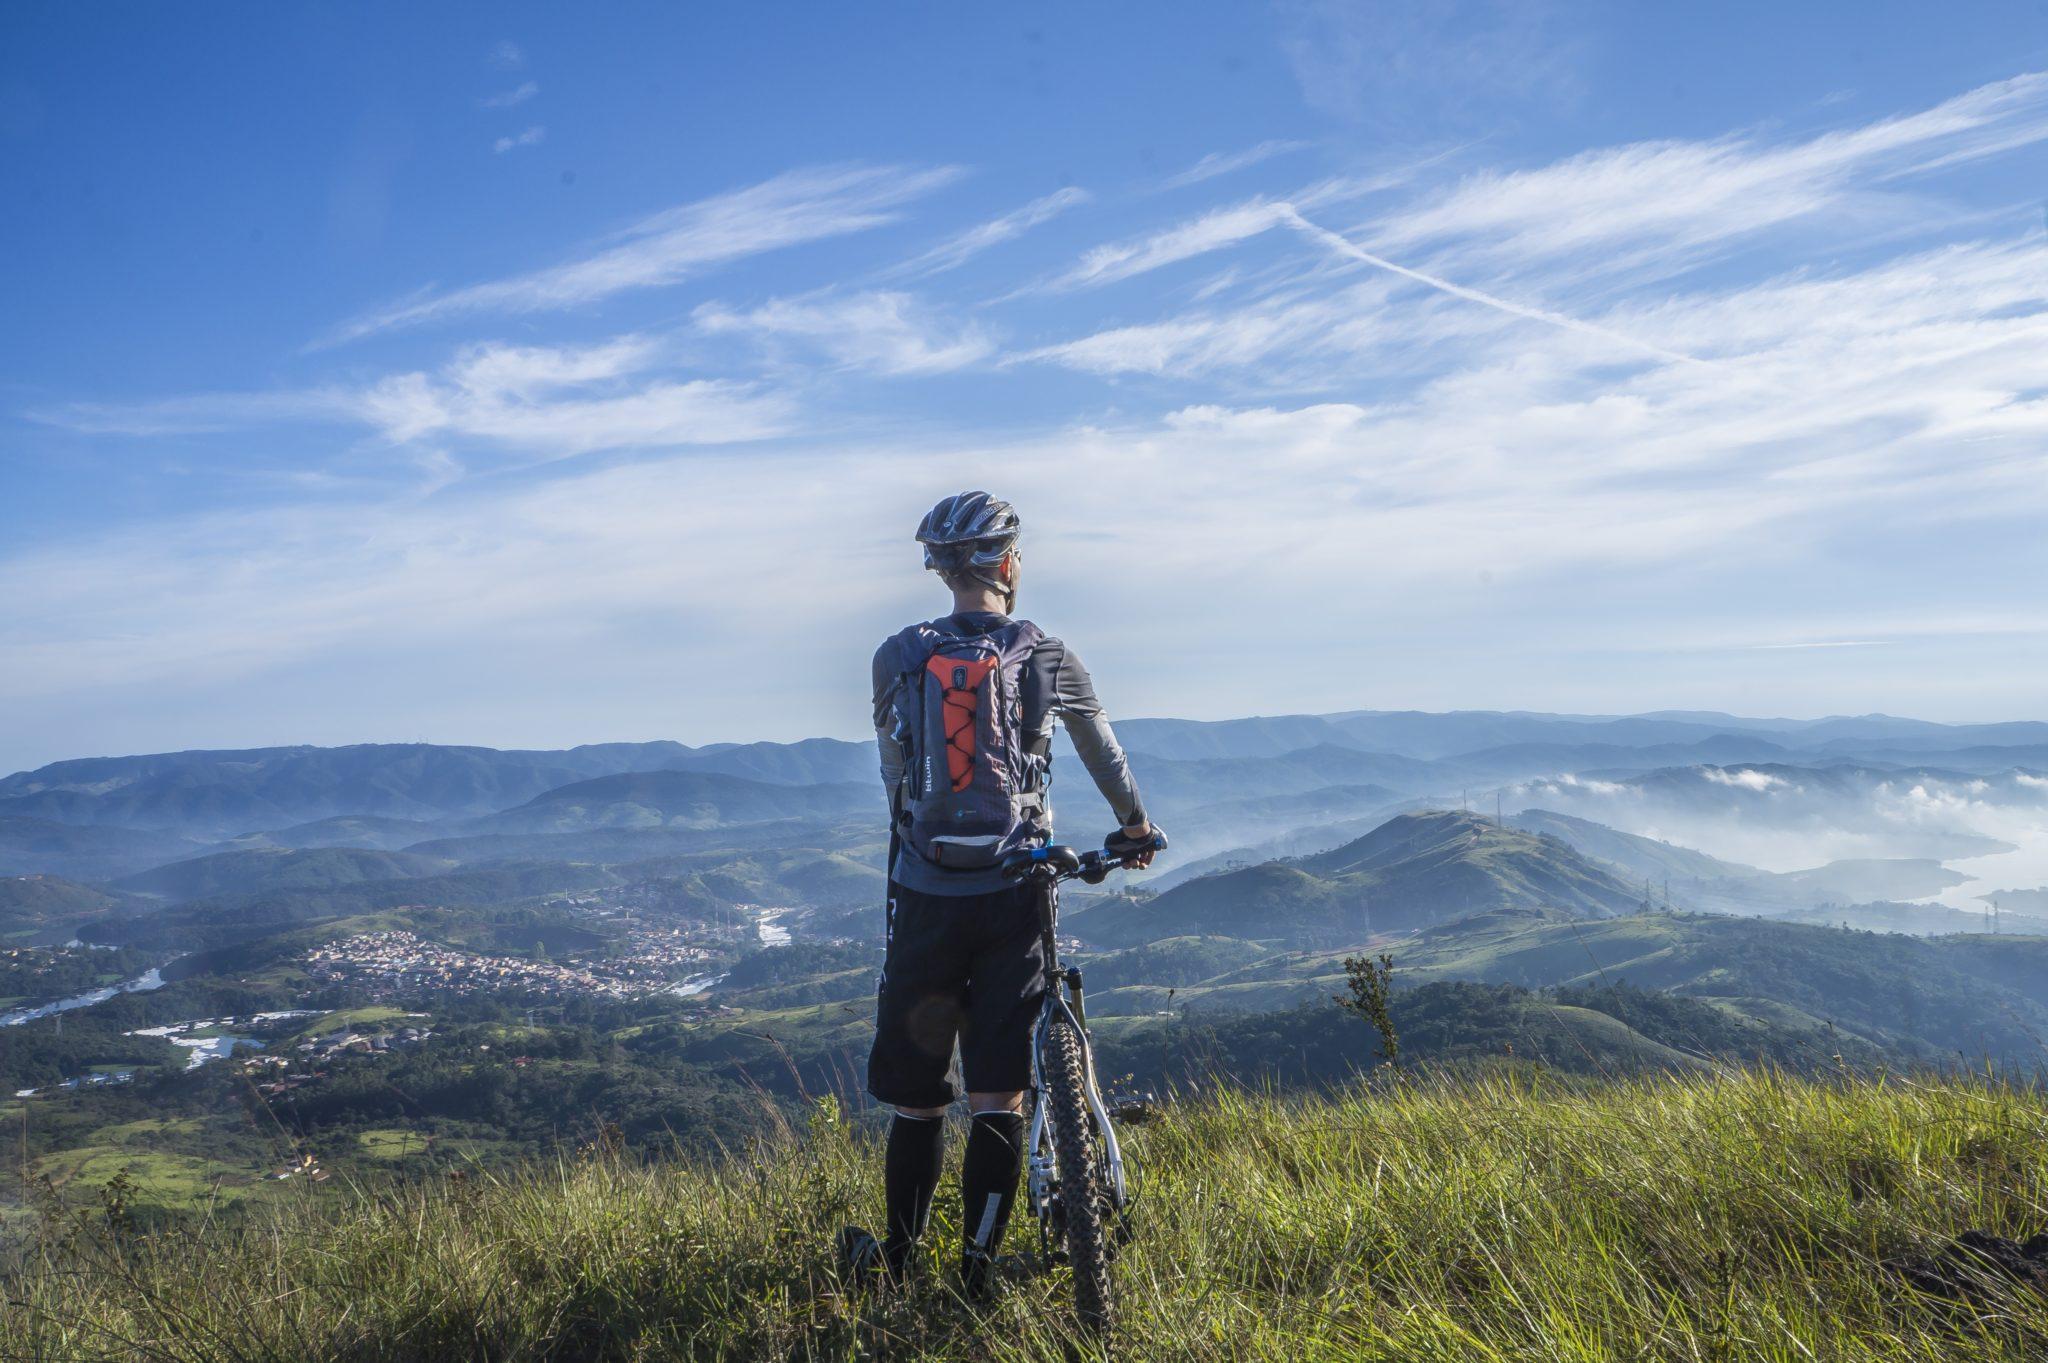 साइकिल चलाने से घुटनों की एक्सरसाइज हो जाती है और जोड़ खुलने लगते हैं जिससे दर्द से राहत मिलती है.